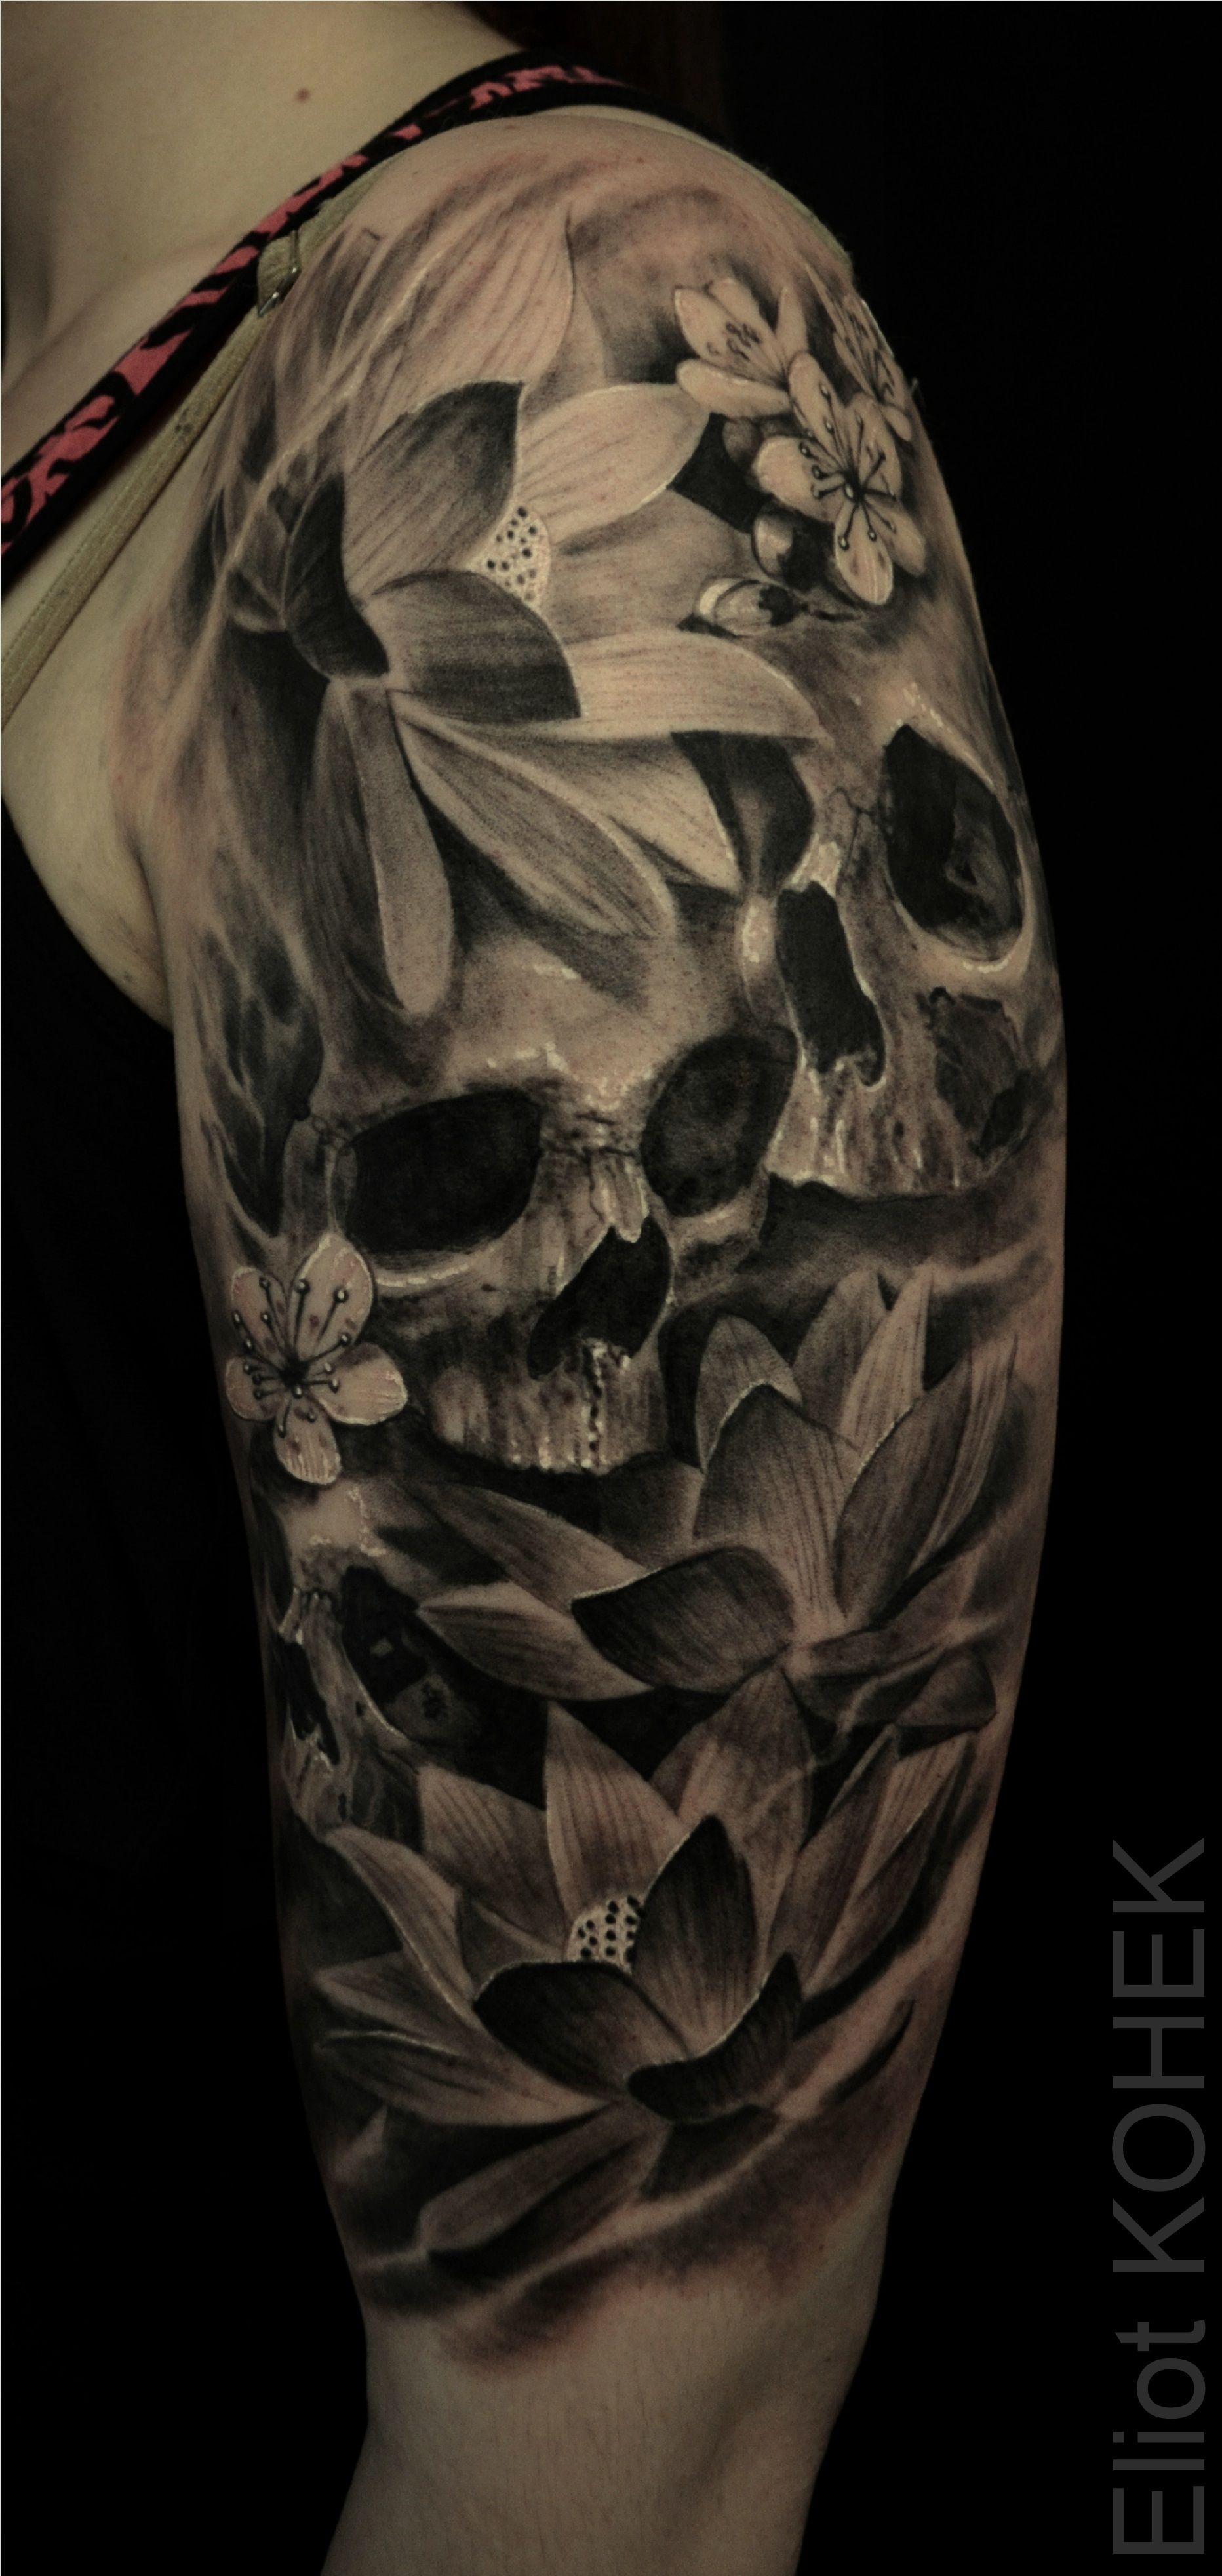 Lotus Flowers Skulls Skull Tattoos Girly Skull Tattoos Skull